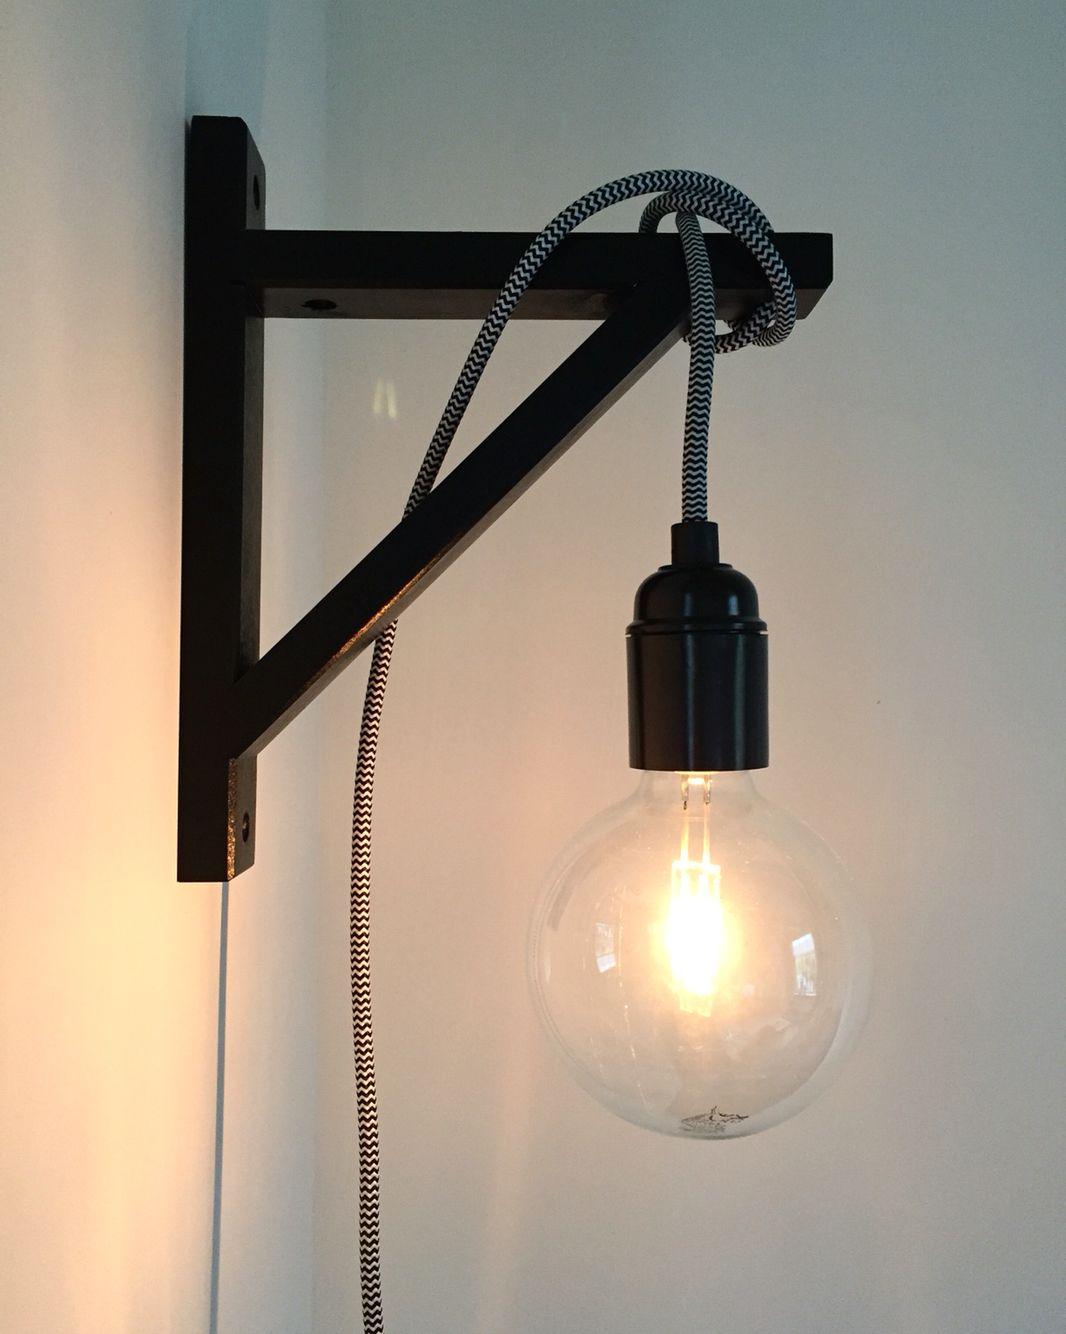 Sfeerlicht van snoerboer interior pinterest slaapkamer verlichting en huis idee n - Huis slaapkamer ...